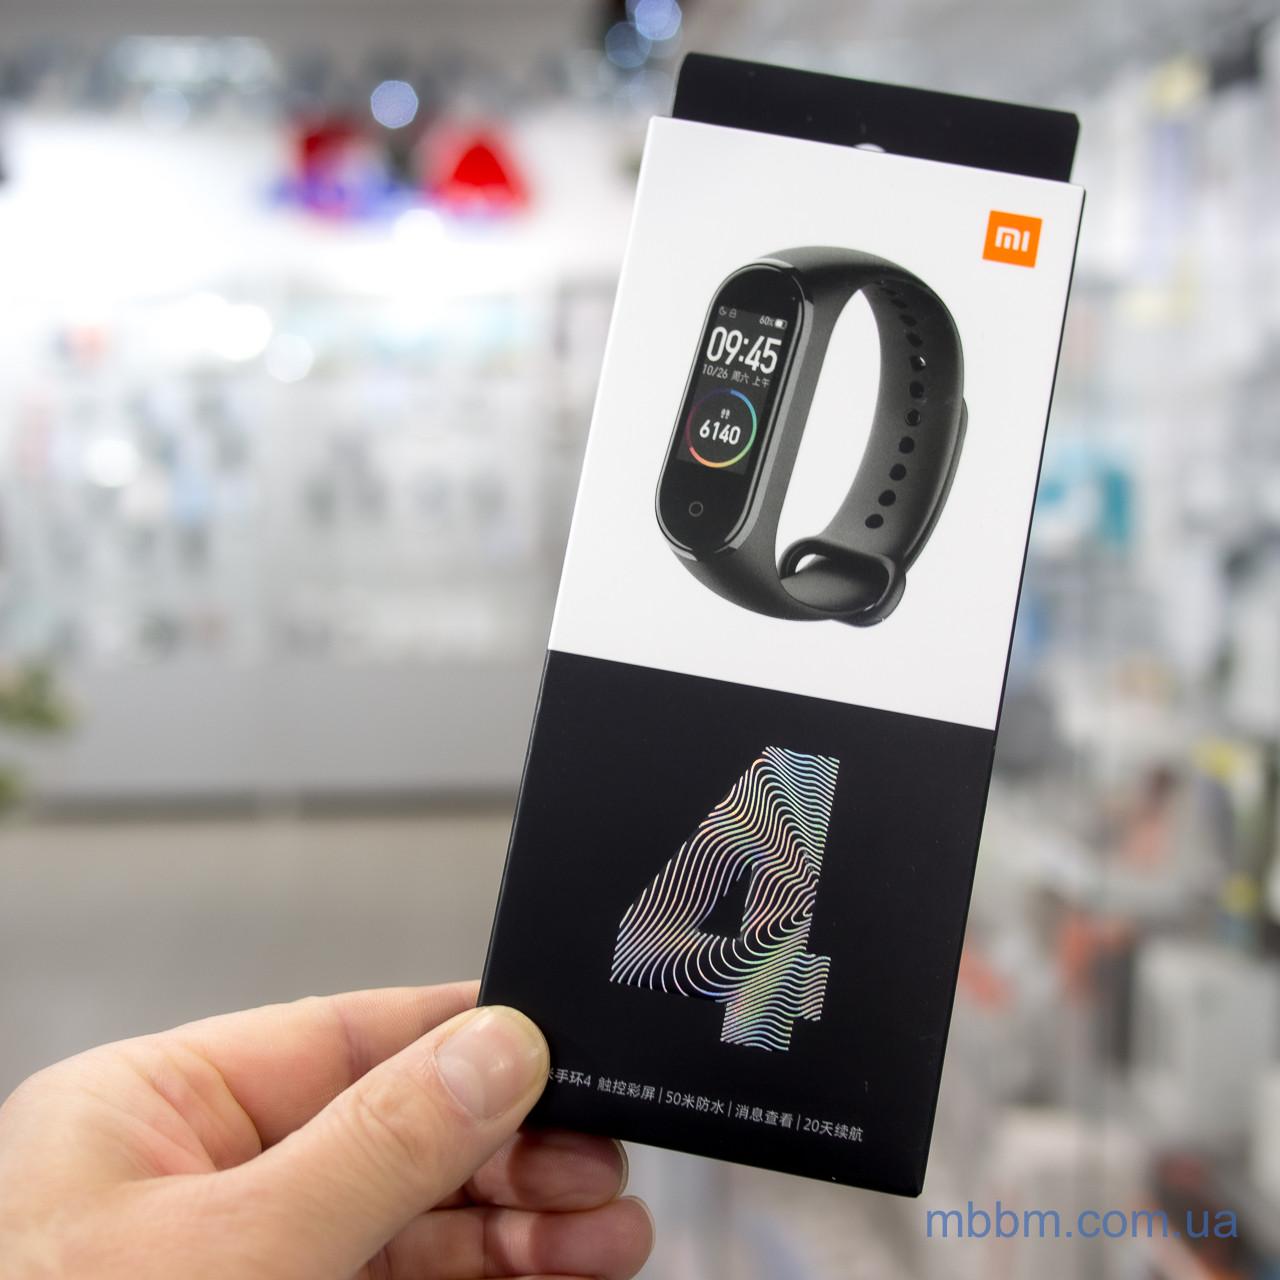 Фитнес-браслет Xiaomi Mi Band 4 [CN] Оригинал! (MGW4050CN) EAN/UPC: 6934177710193 Черный